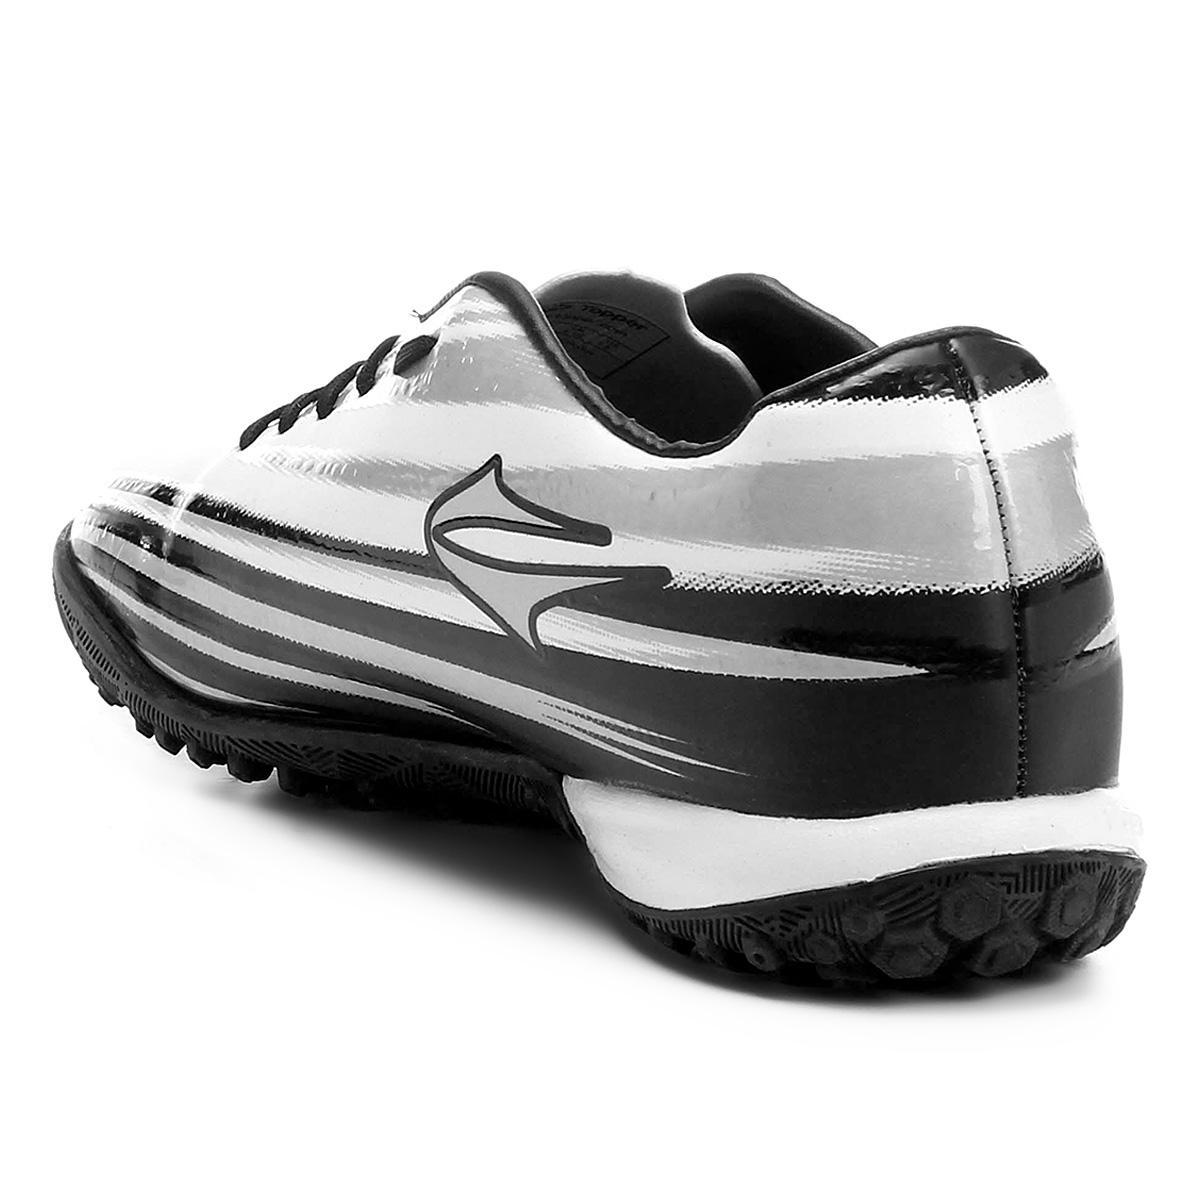 992009bde8 Chuteira Vector II Society - Topper - Topper - Tênis para Esportes ...